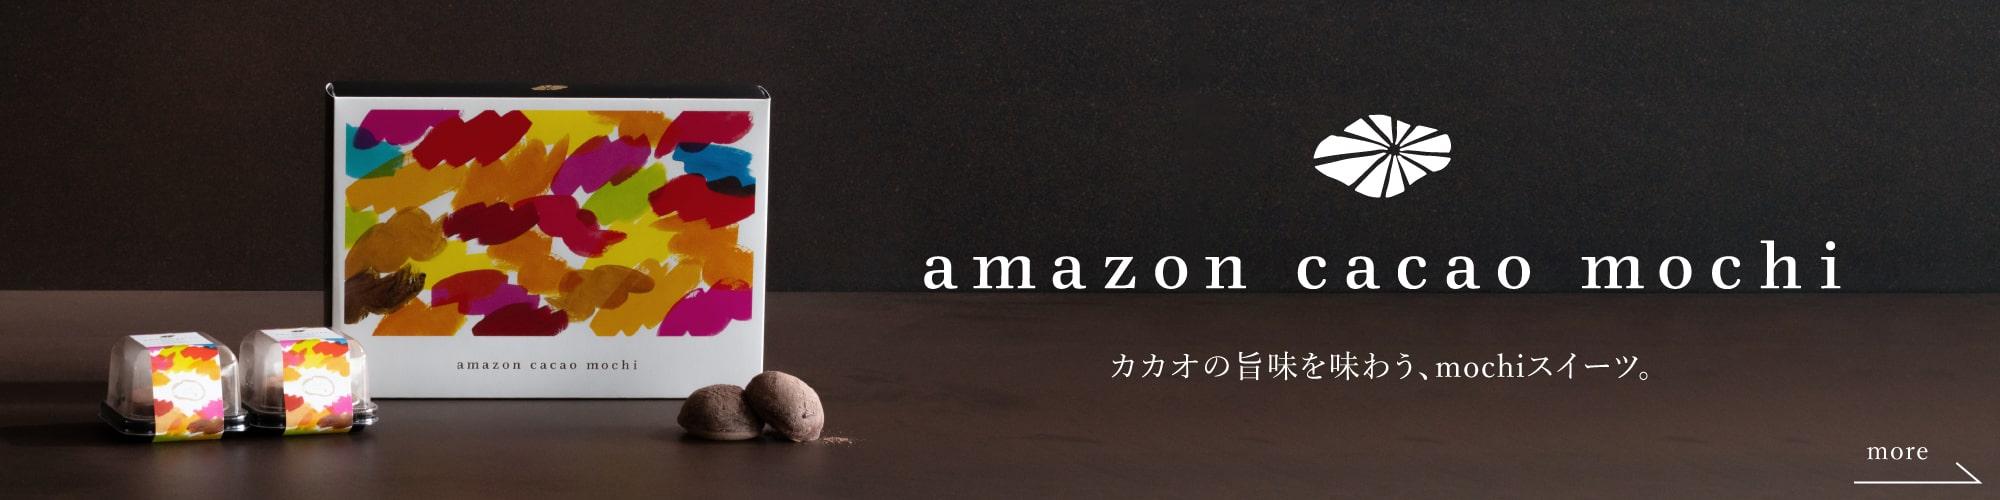 アマゾンカカオ餅